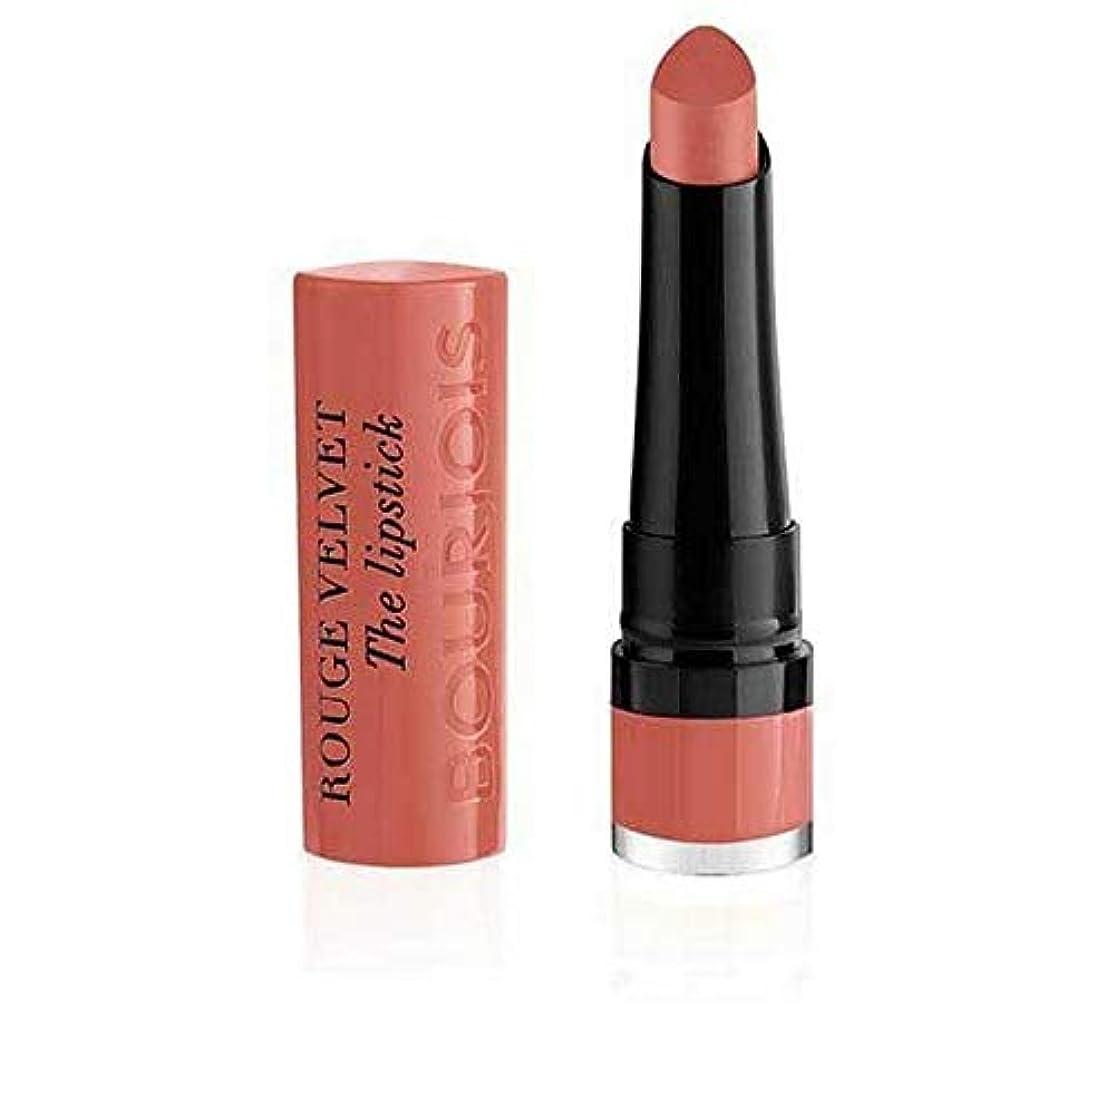 静脈不十分なスタウト[Bourjois ] ブルジョワルージュのベルベット口紅 - 桃のTartin 15 - Bourjois Rouge Velvet The Lipstick ? Peach Tartin 15 [並行輸入品]